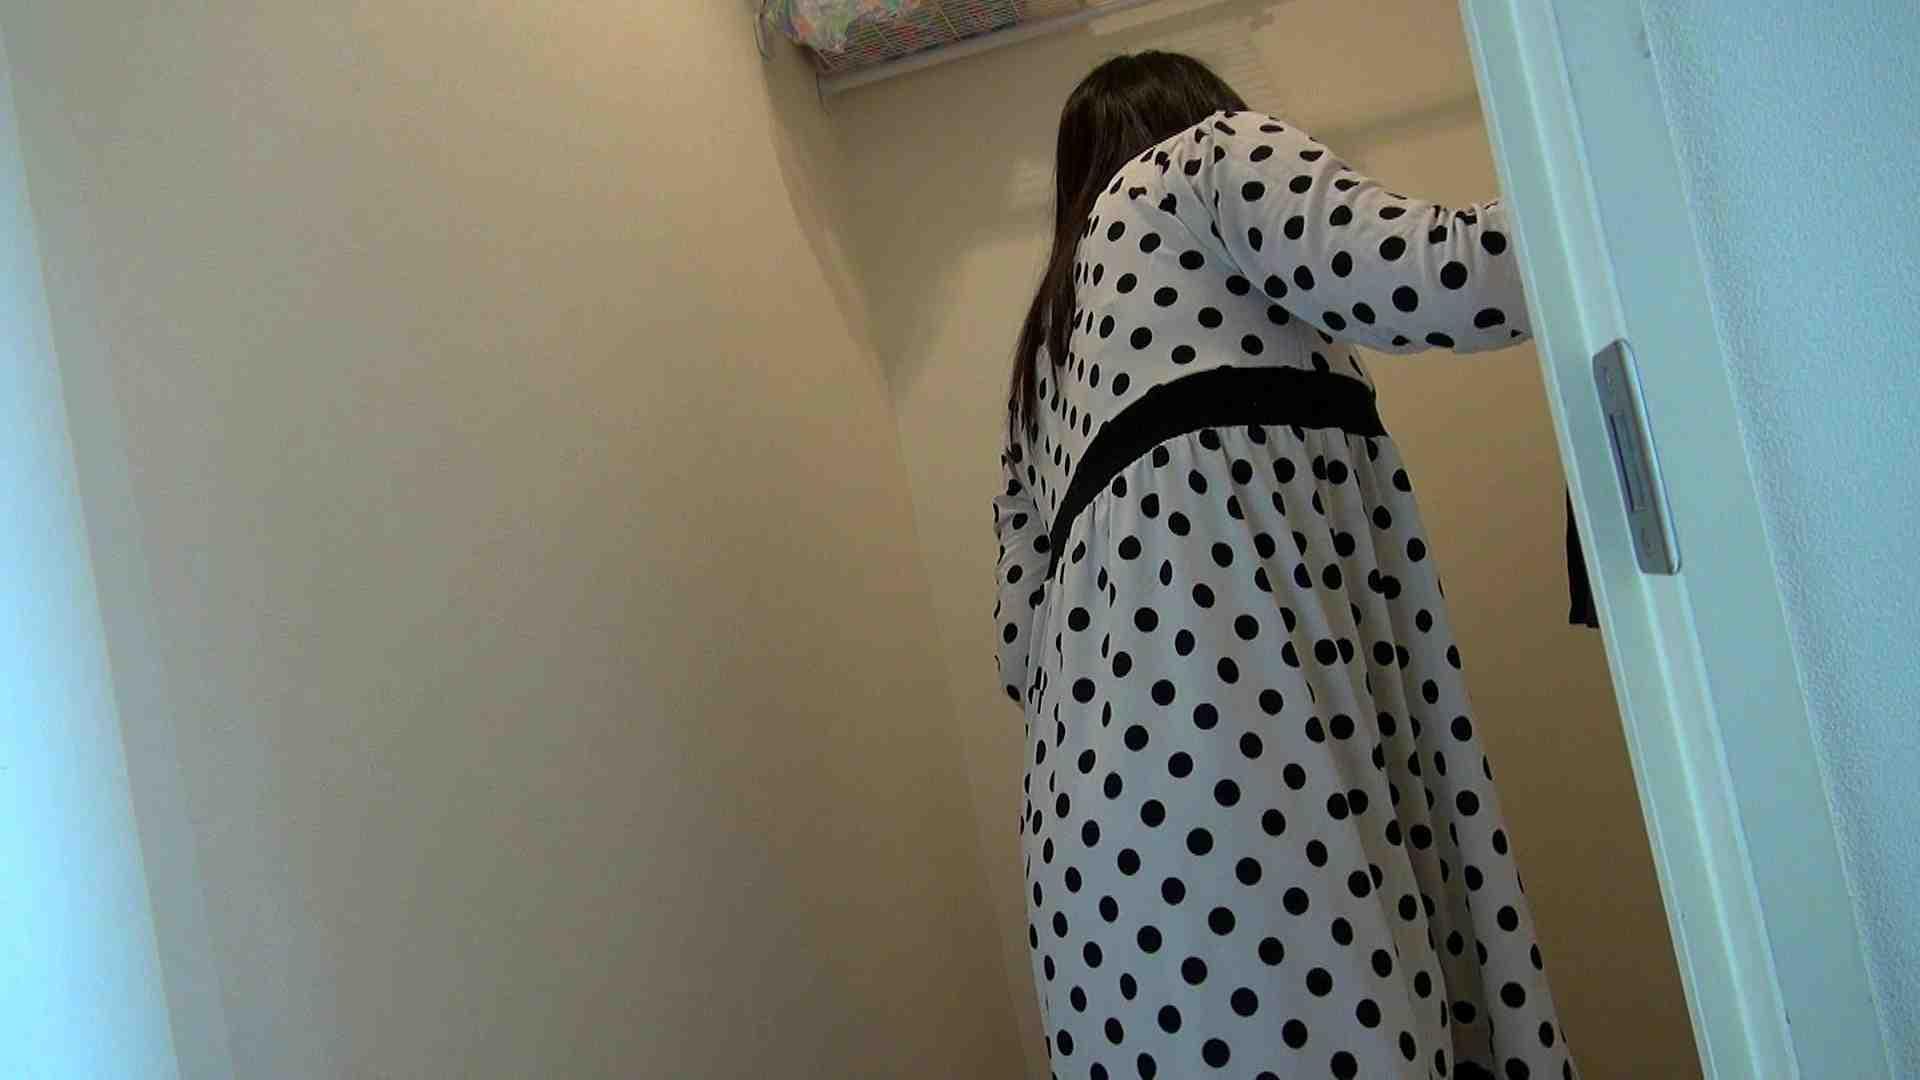 志穂さんにお手洗いに行ってもらいましょう ドキュメント | 0  87画像 86